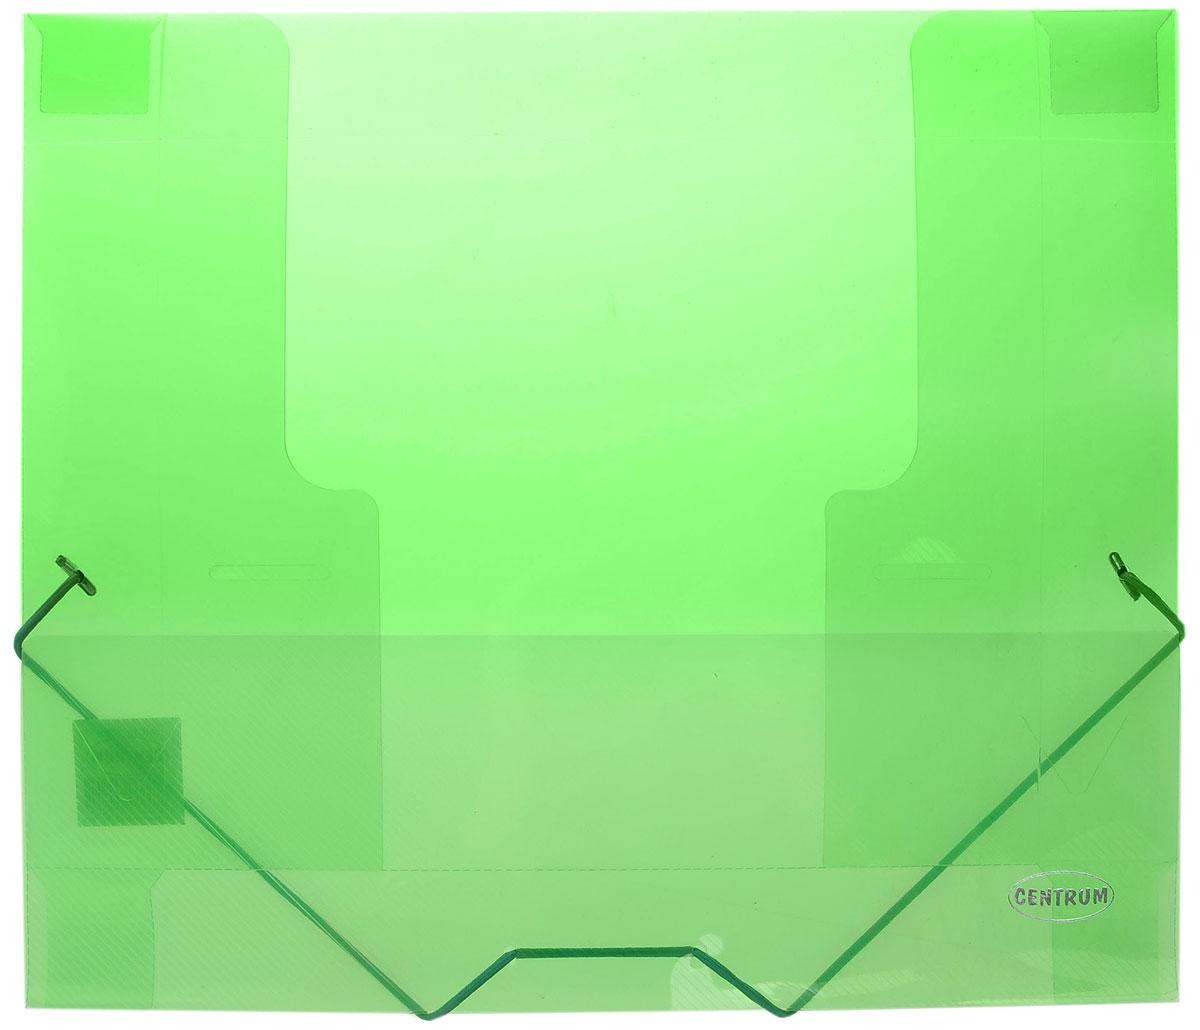 Centrum Папка на резинке формат А4 цвет зеленыйFS-36054Папка на резинке Centrum станет вашим верным помощником дома и в офисе. Это удобный и функциональный инструмент, предназначенный для хранения и транспортировки больших объемов рабочих бумаг и документов формата А4.Папка изготовлена из износостойкого высококачественного пластика. Состоит из одного вместительного отделения. Закрывается папка при помощи прочной резинки.Папка - это незаменимый атрибут для любого студента, школьника или офисного работника. Такая папка надежно сохранит ваши бумаги и сбережет их от повреждений, пыли и влаги.